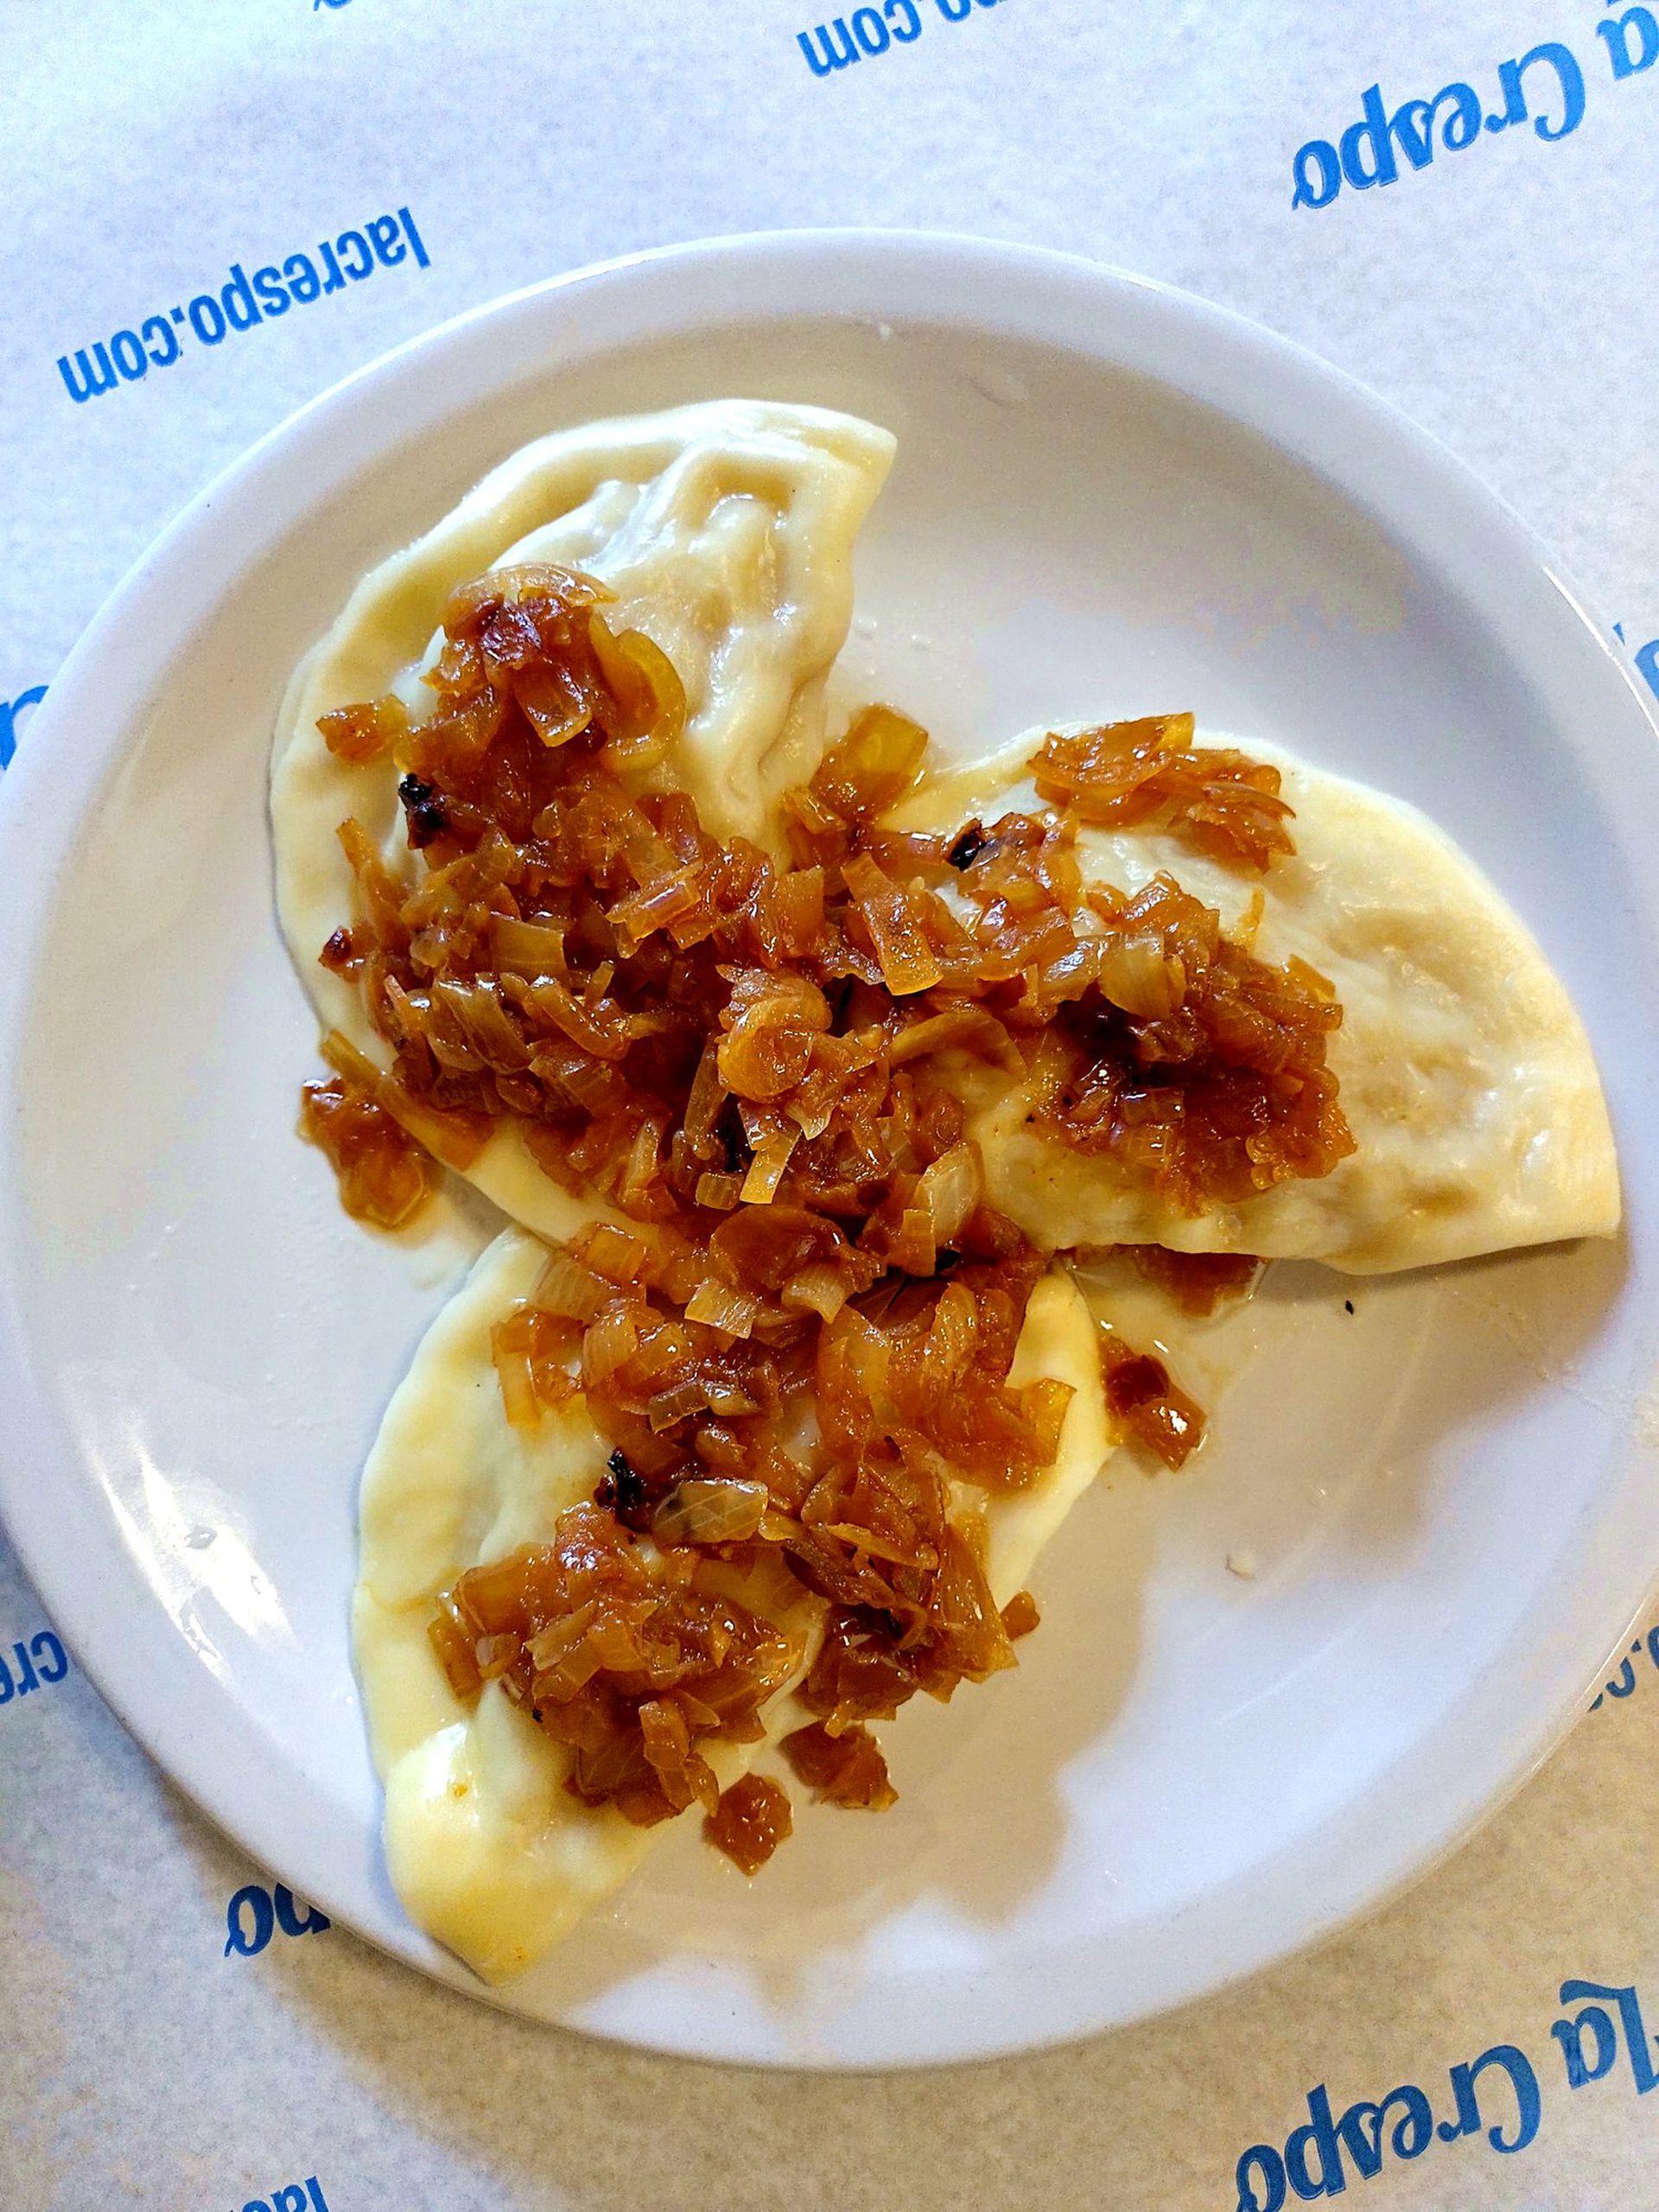 Los varenikes de La Crespo vienen rellenos de puré de papa enriquecido con cebollita caramelizada.